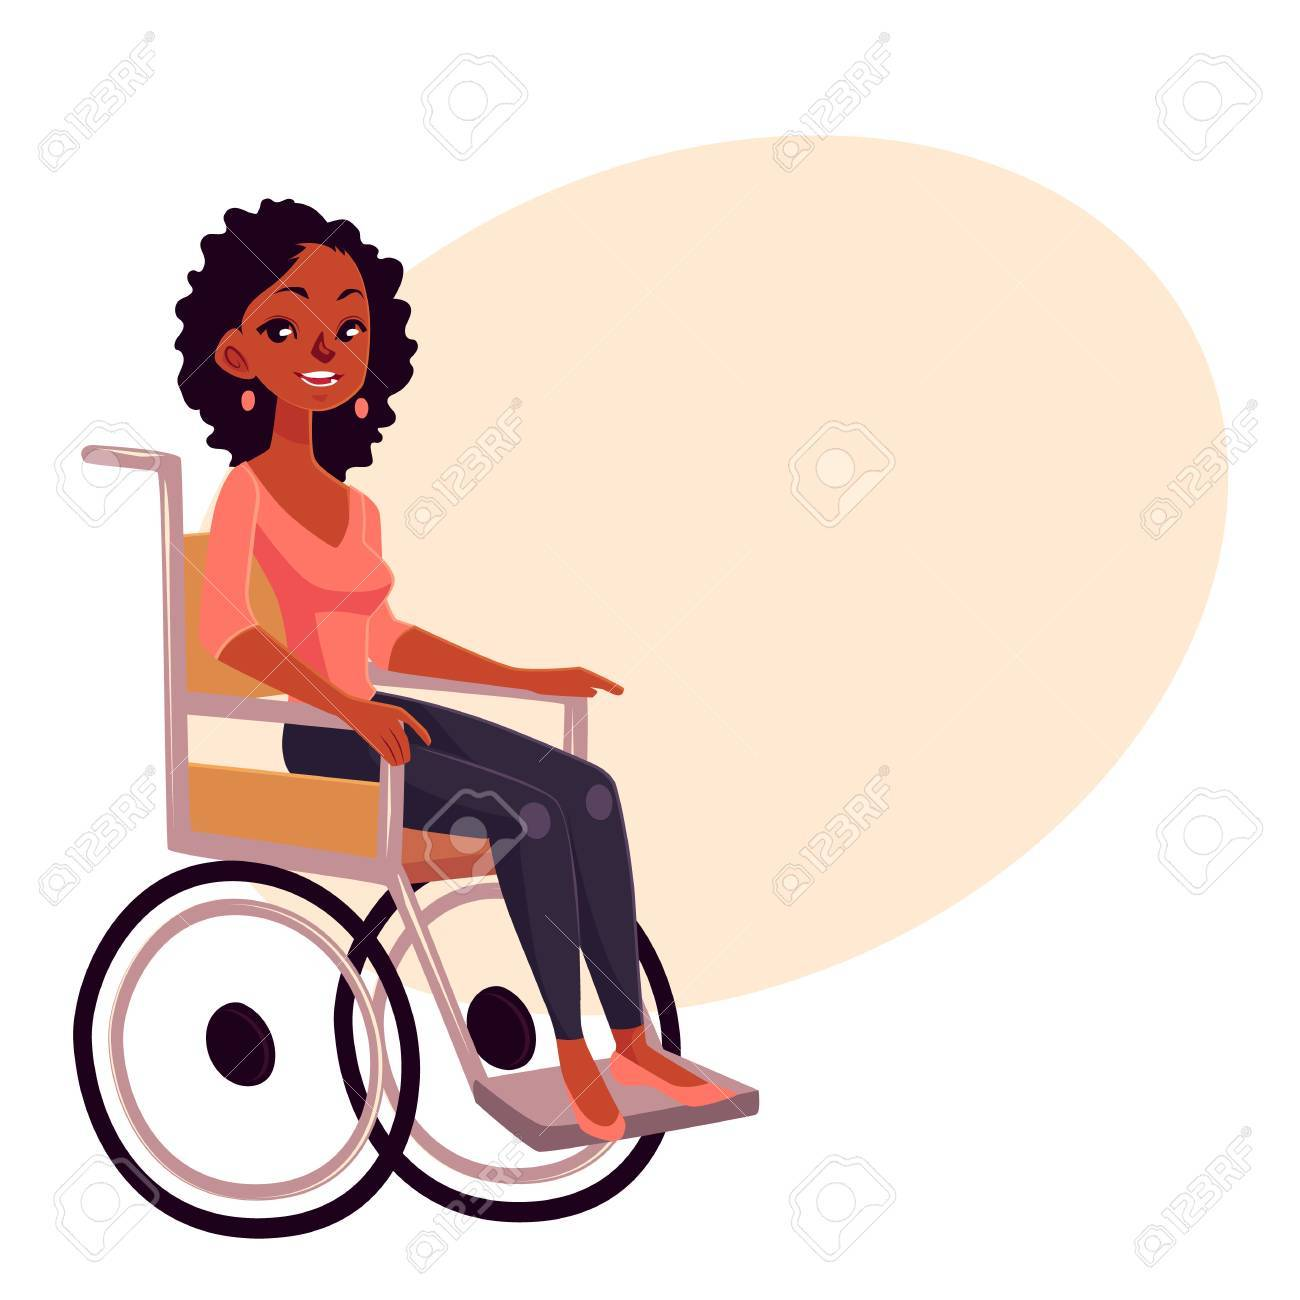 Jeune Femme Noire Assise En Fauteuil Roulant Illustration De